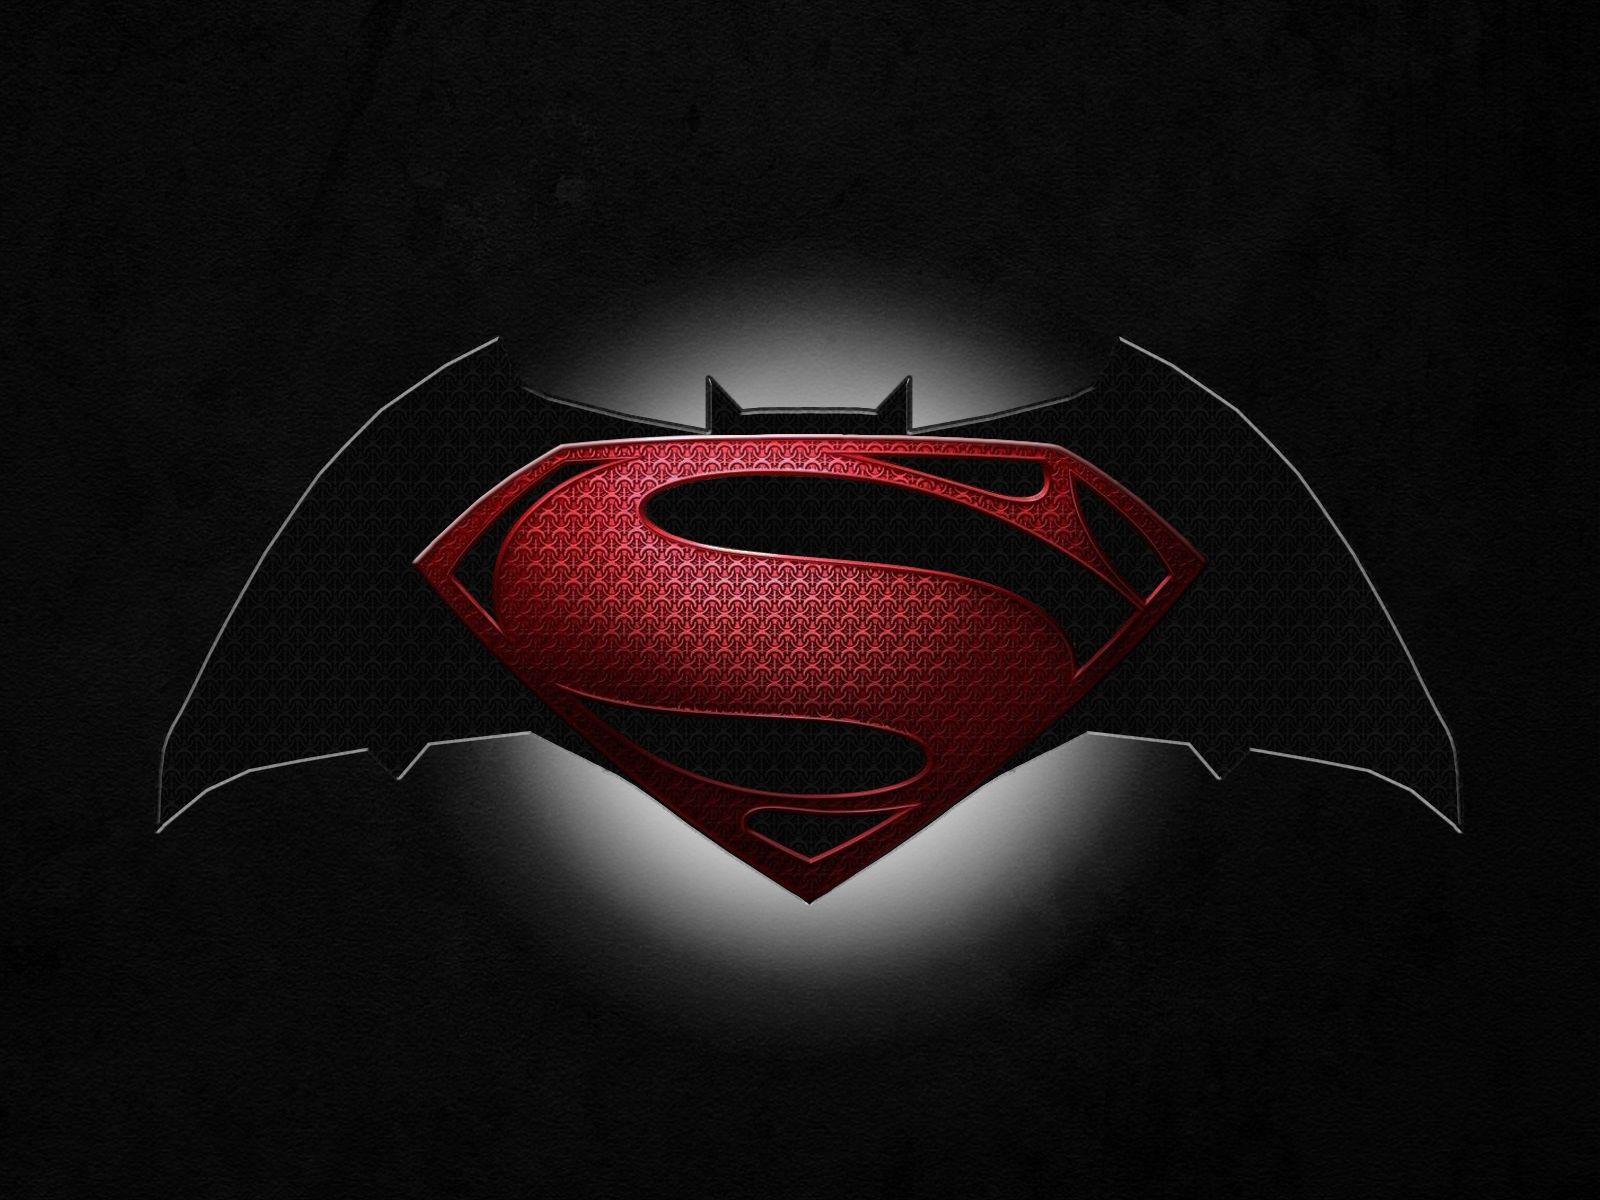 Superman wallpaper 16001200 wallpaper superman 41 wallpapers superman wallpaper 16001200 wallpaper superman 41 wallpapers adorable wallpapers superman logo wallpaperbatman biocorpaavc Choice Image